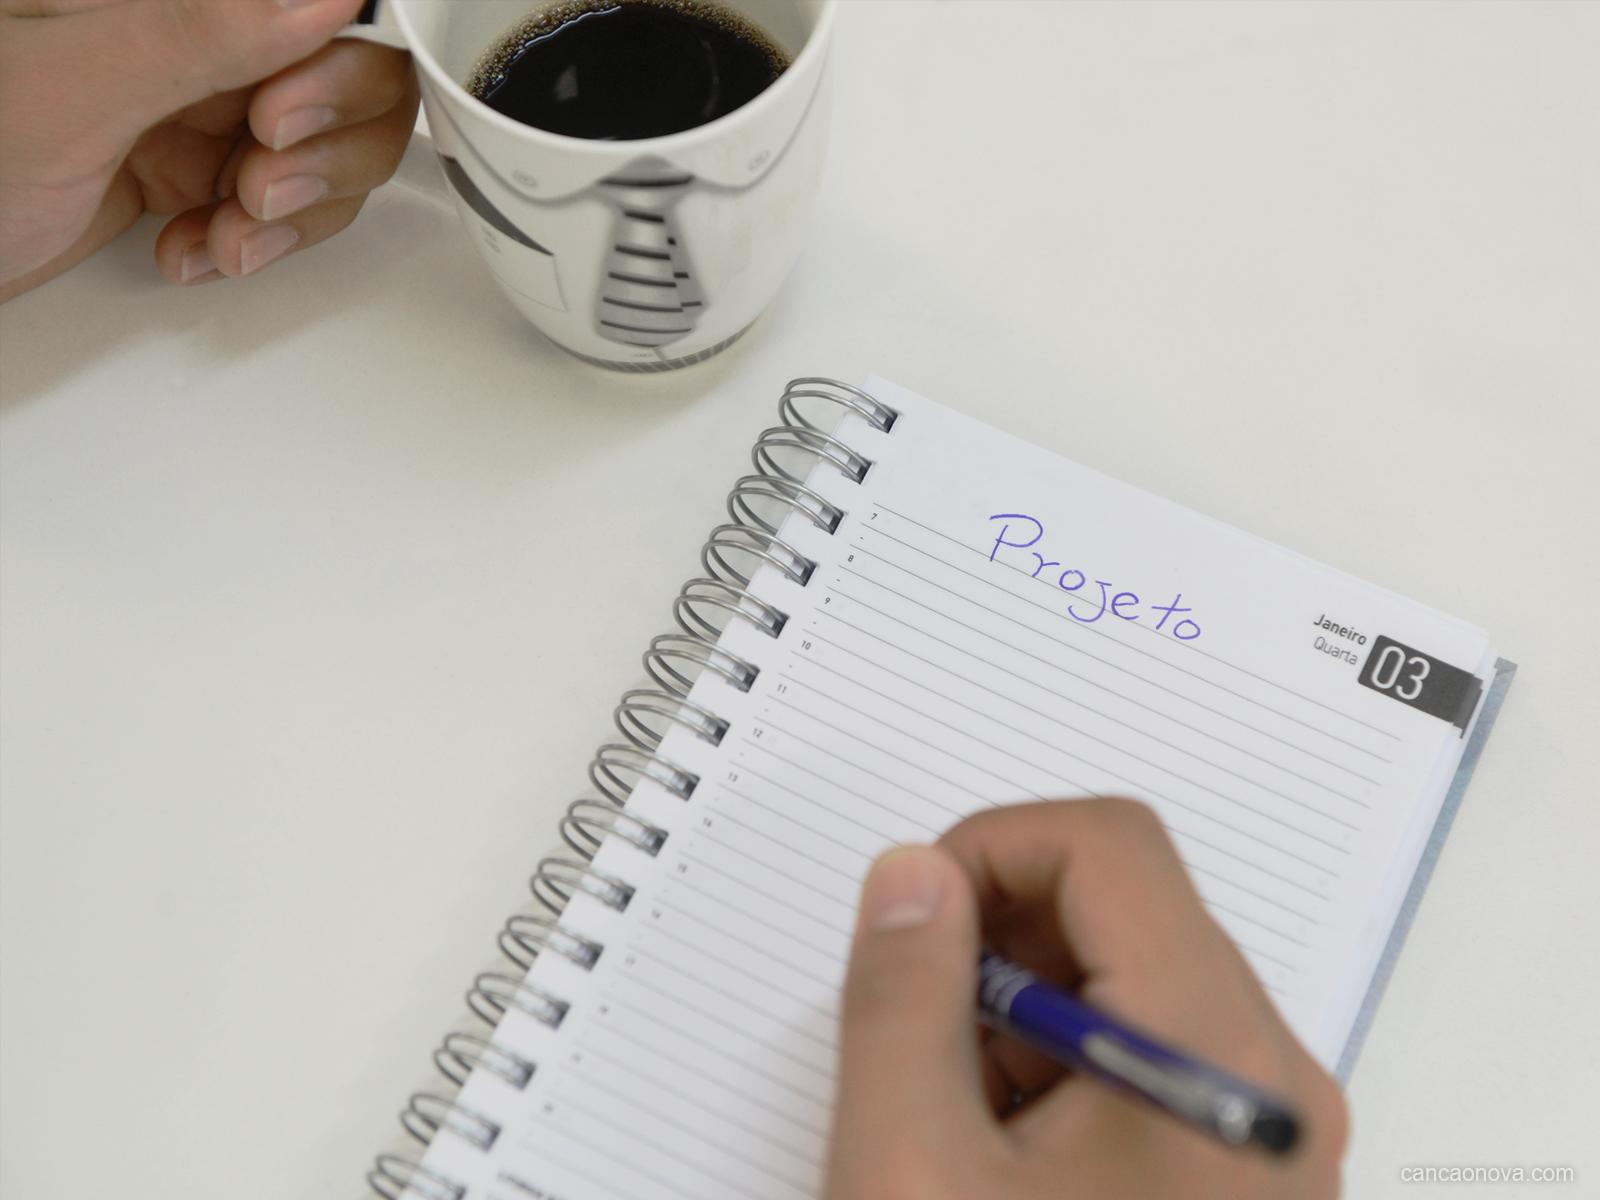 Será que fazer planos e traçar metas é realmente viver-